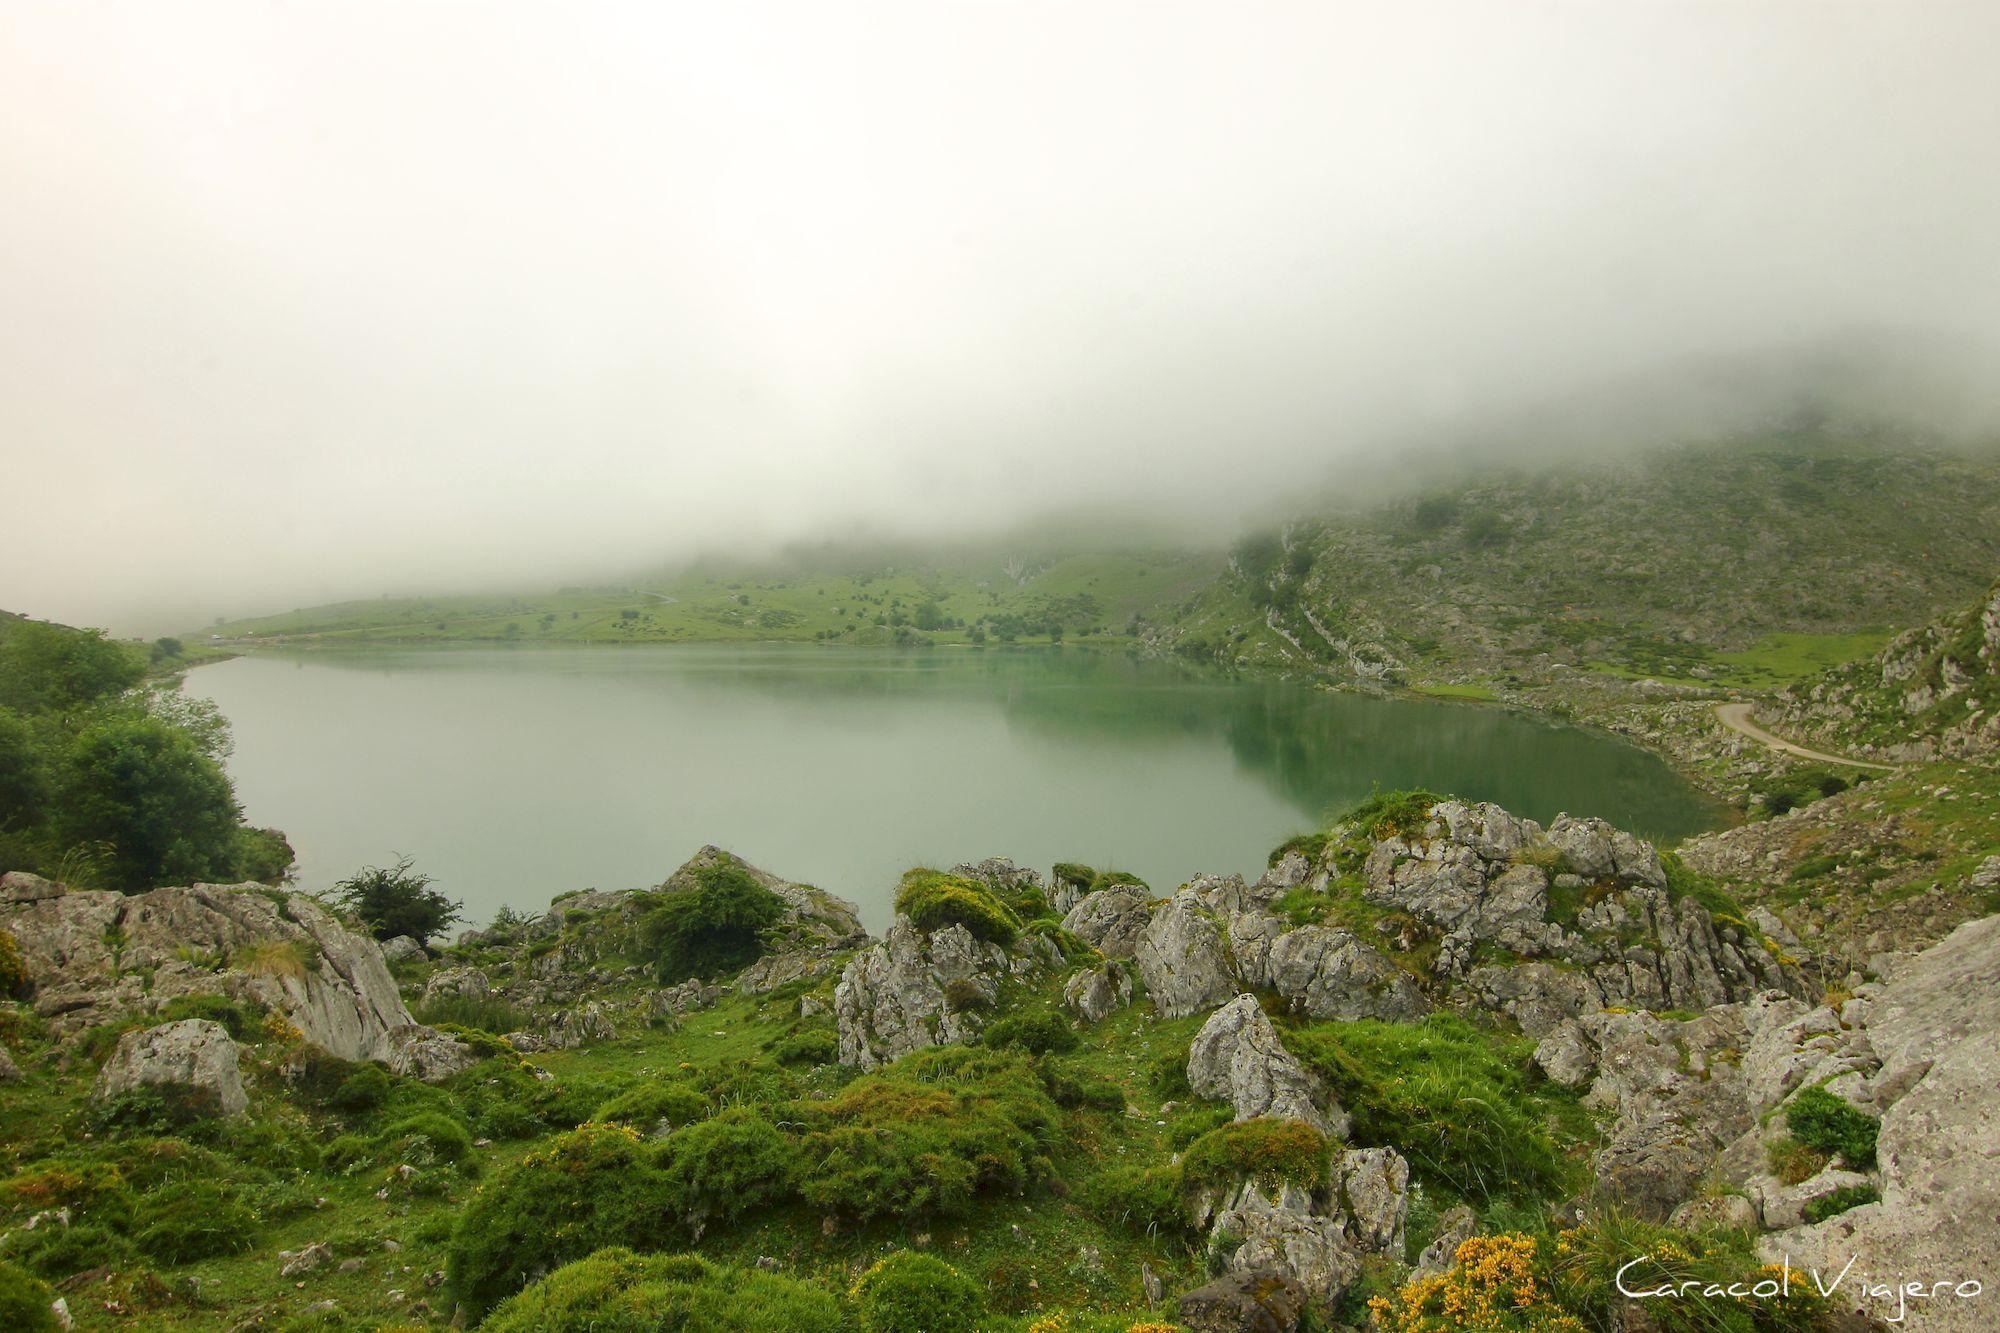 Cómo llegar a los lagos de Covadonga